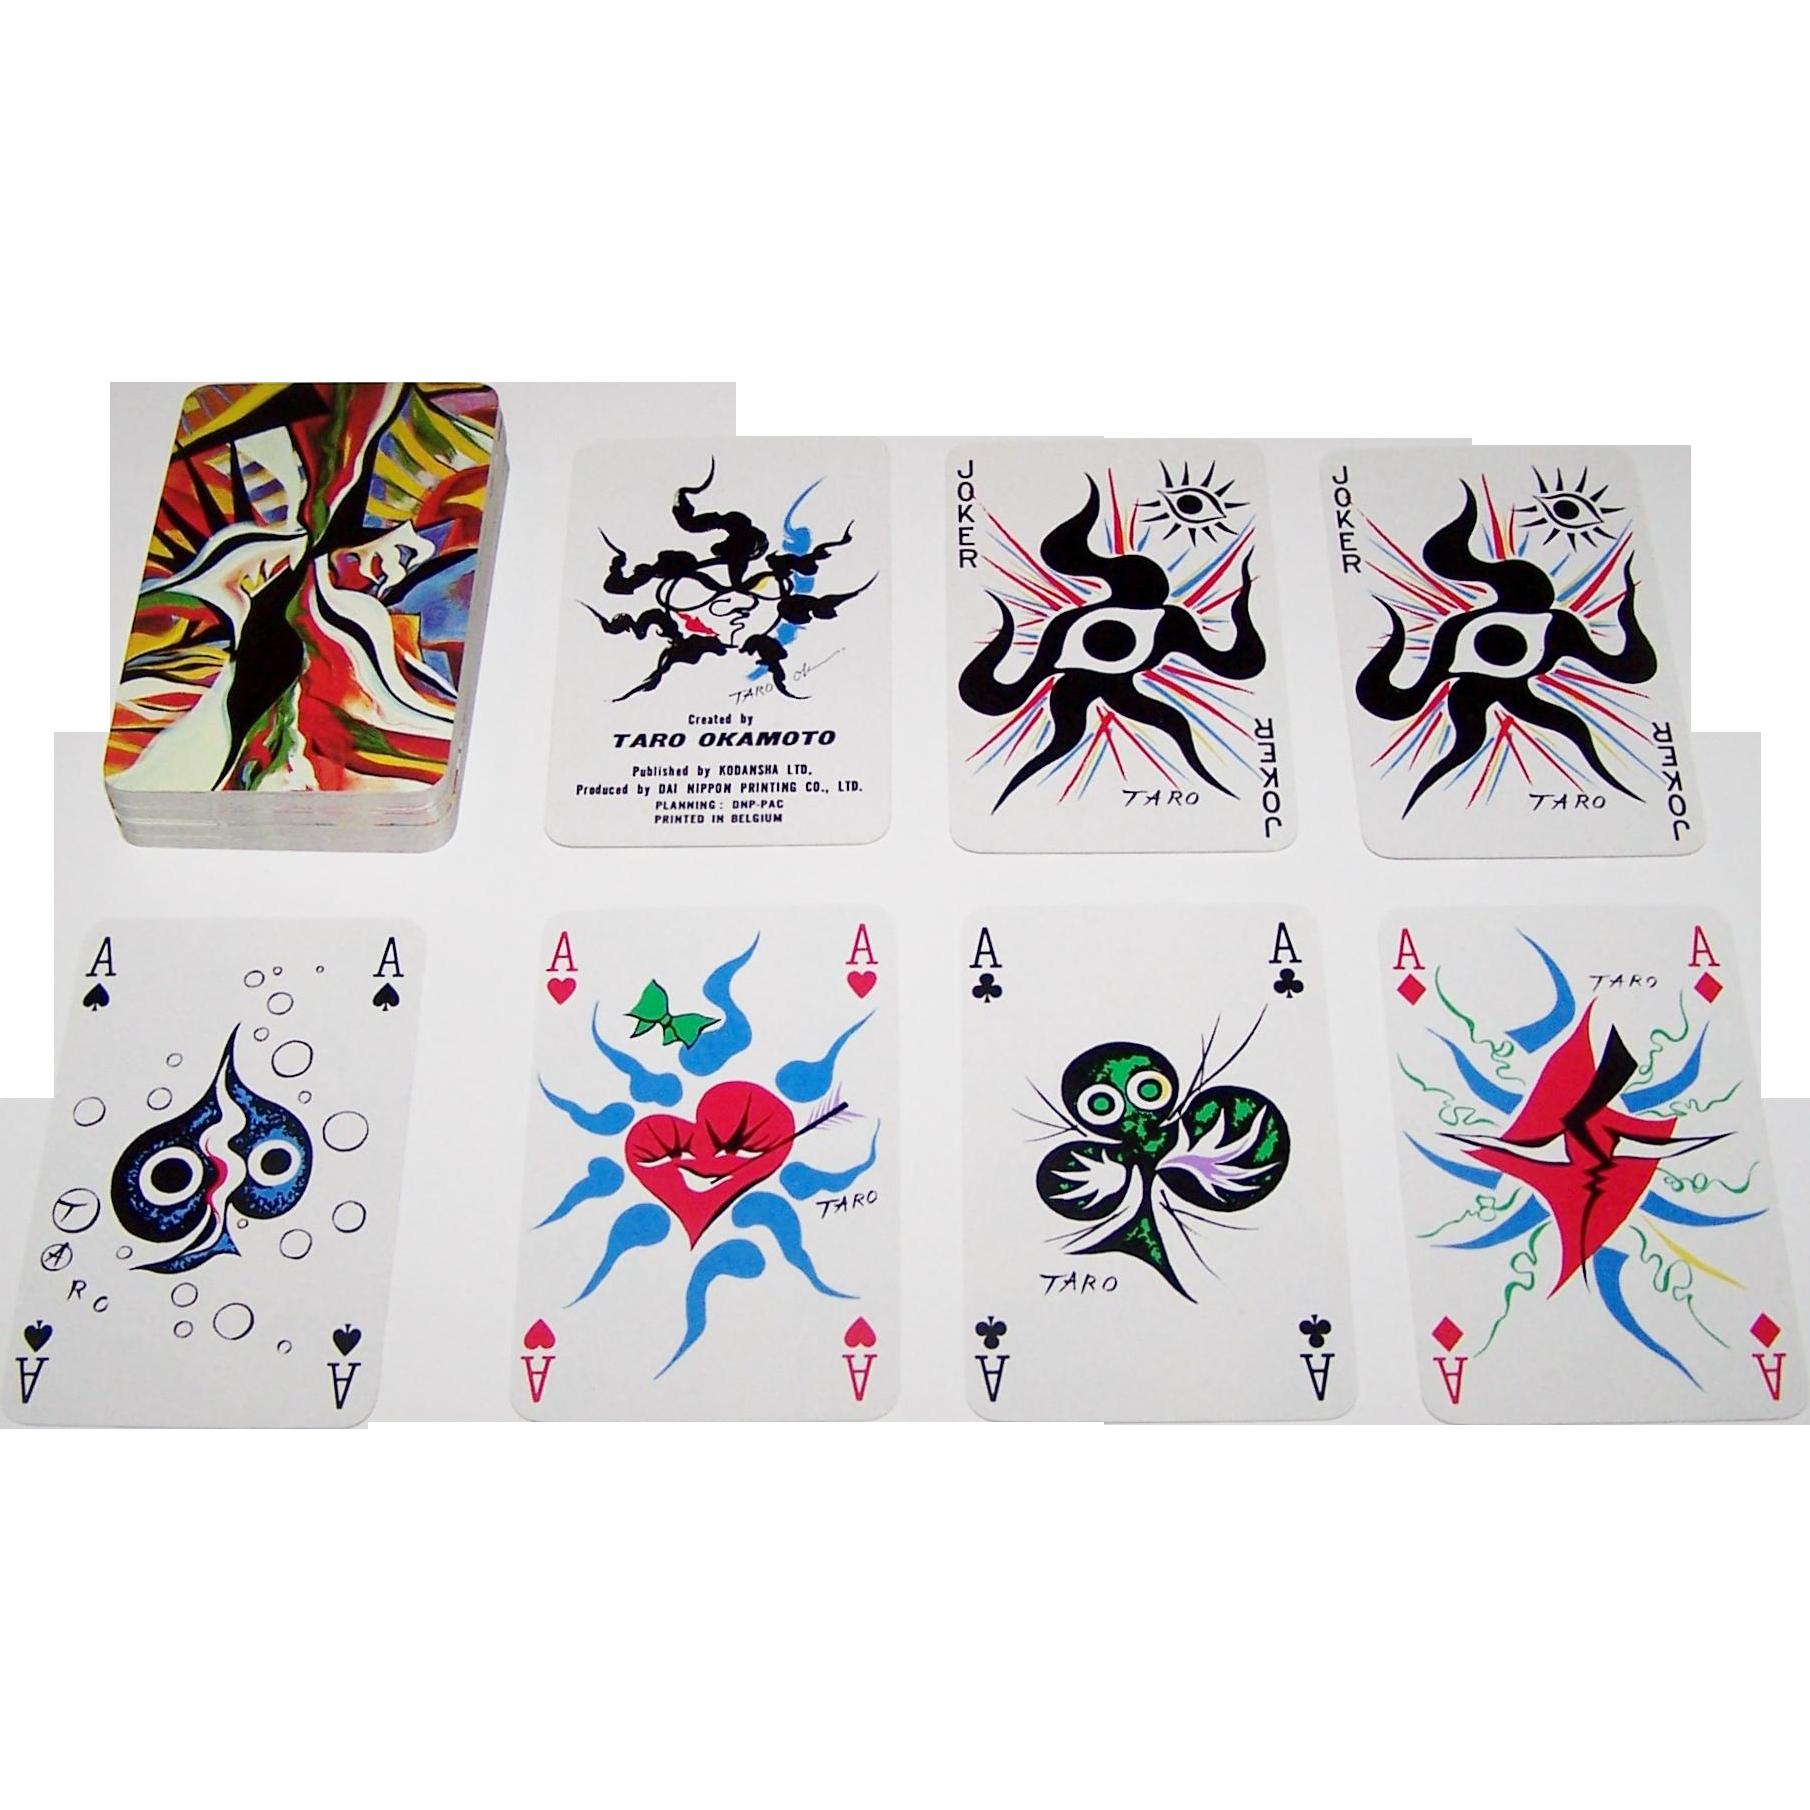 """Carta Mundi """"Taro Okamoto"""" Playing Cards, Kodansha, Ltd. Publisher, Taro Okamoto Designs, c.1977"""